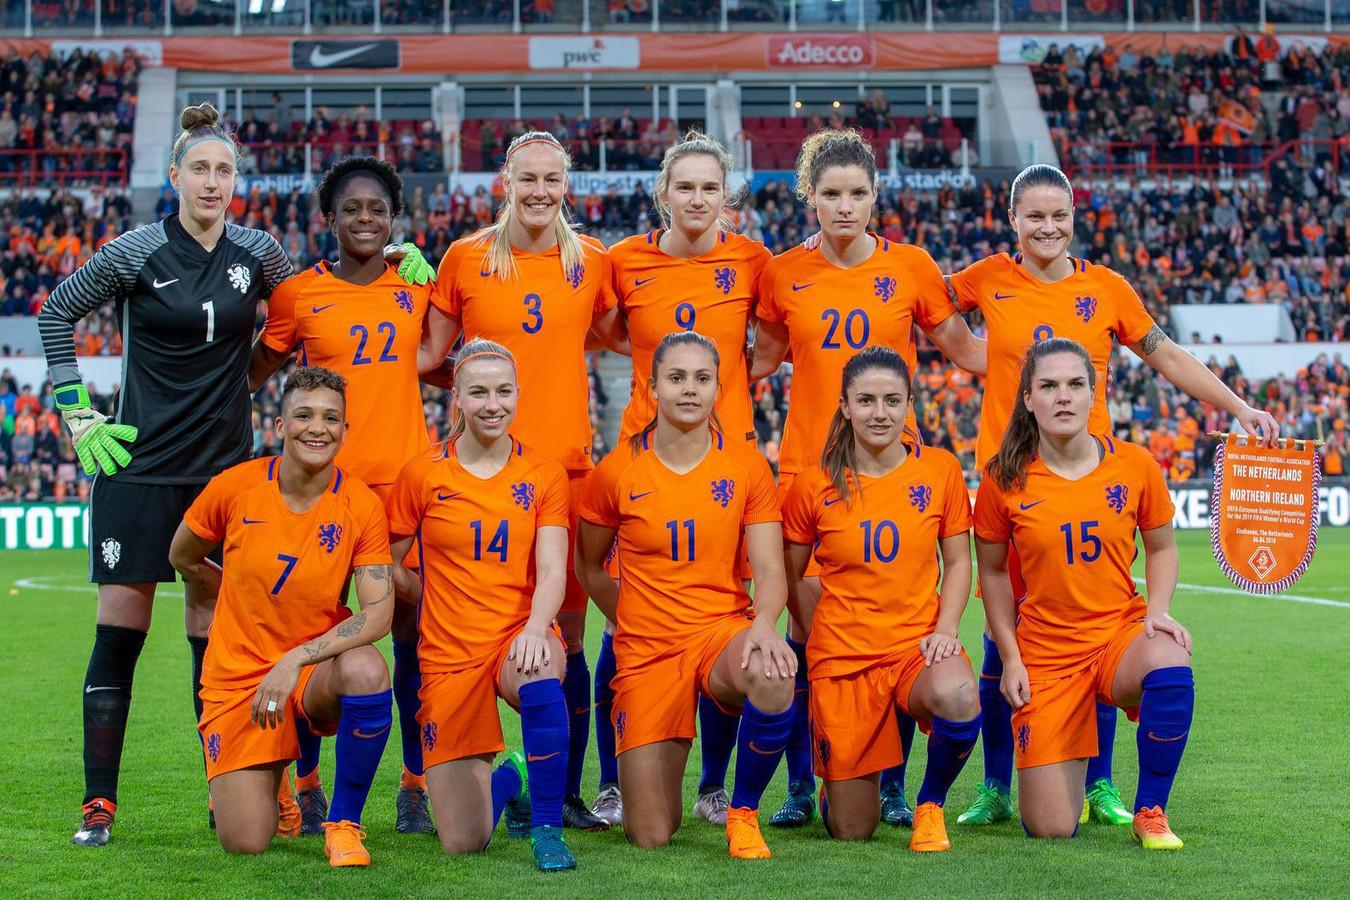 De Oranje Leeuwinnen voor het treffen met Noord-Ierland in het Philips Stadion in Eindhoven.